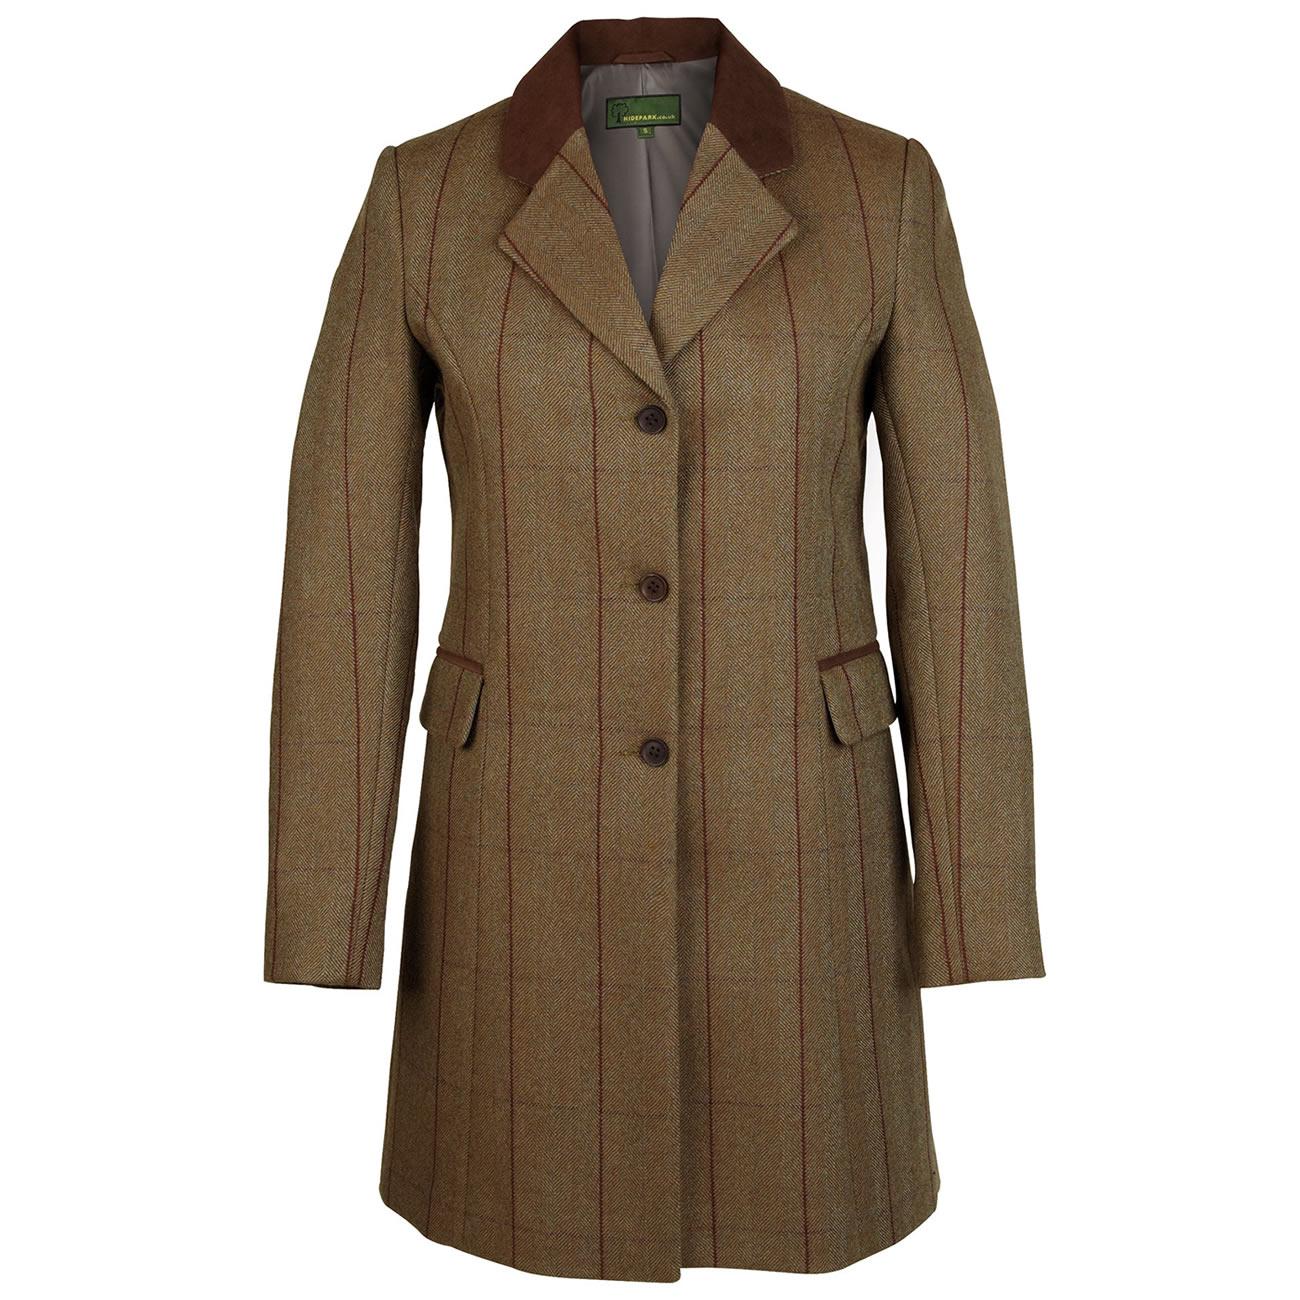 Ladies long tweed coat Brown  york